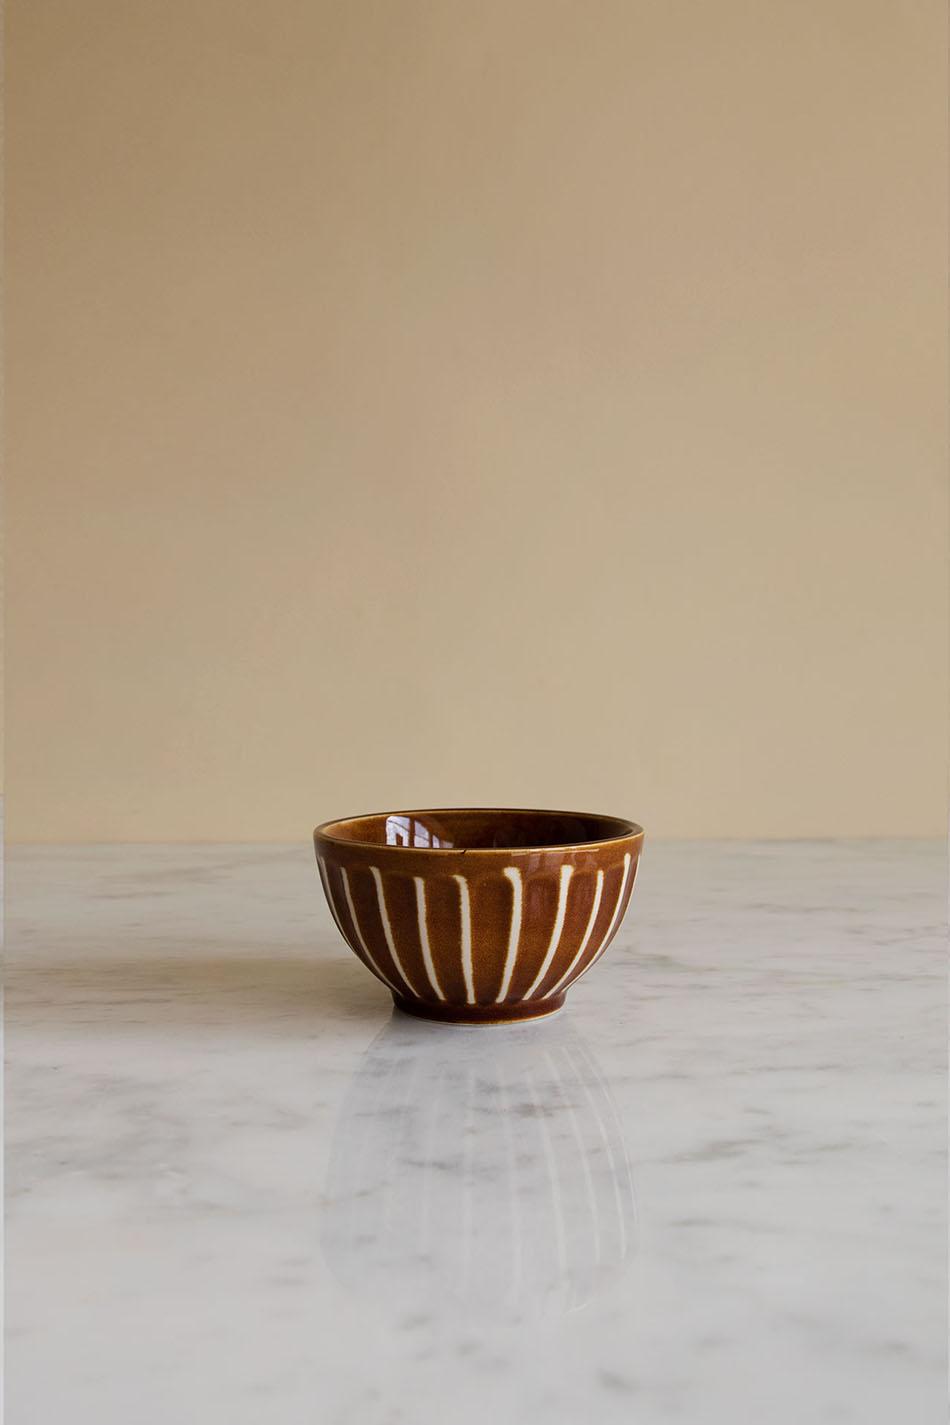 Kyoto Striped bowl